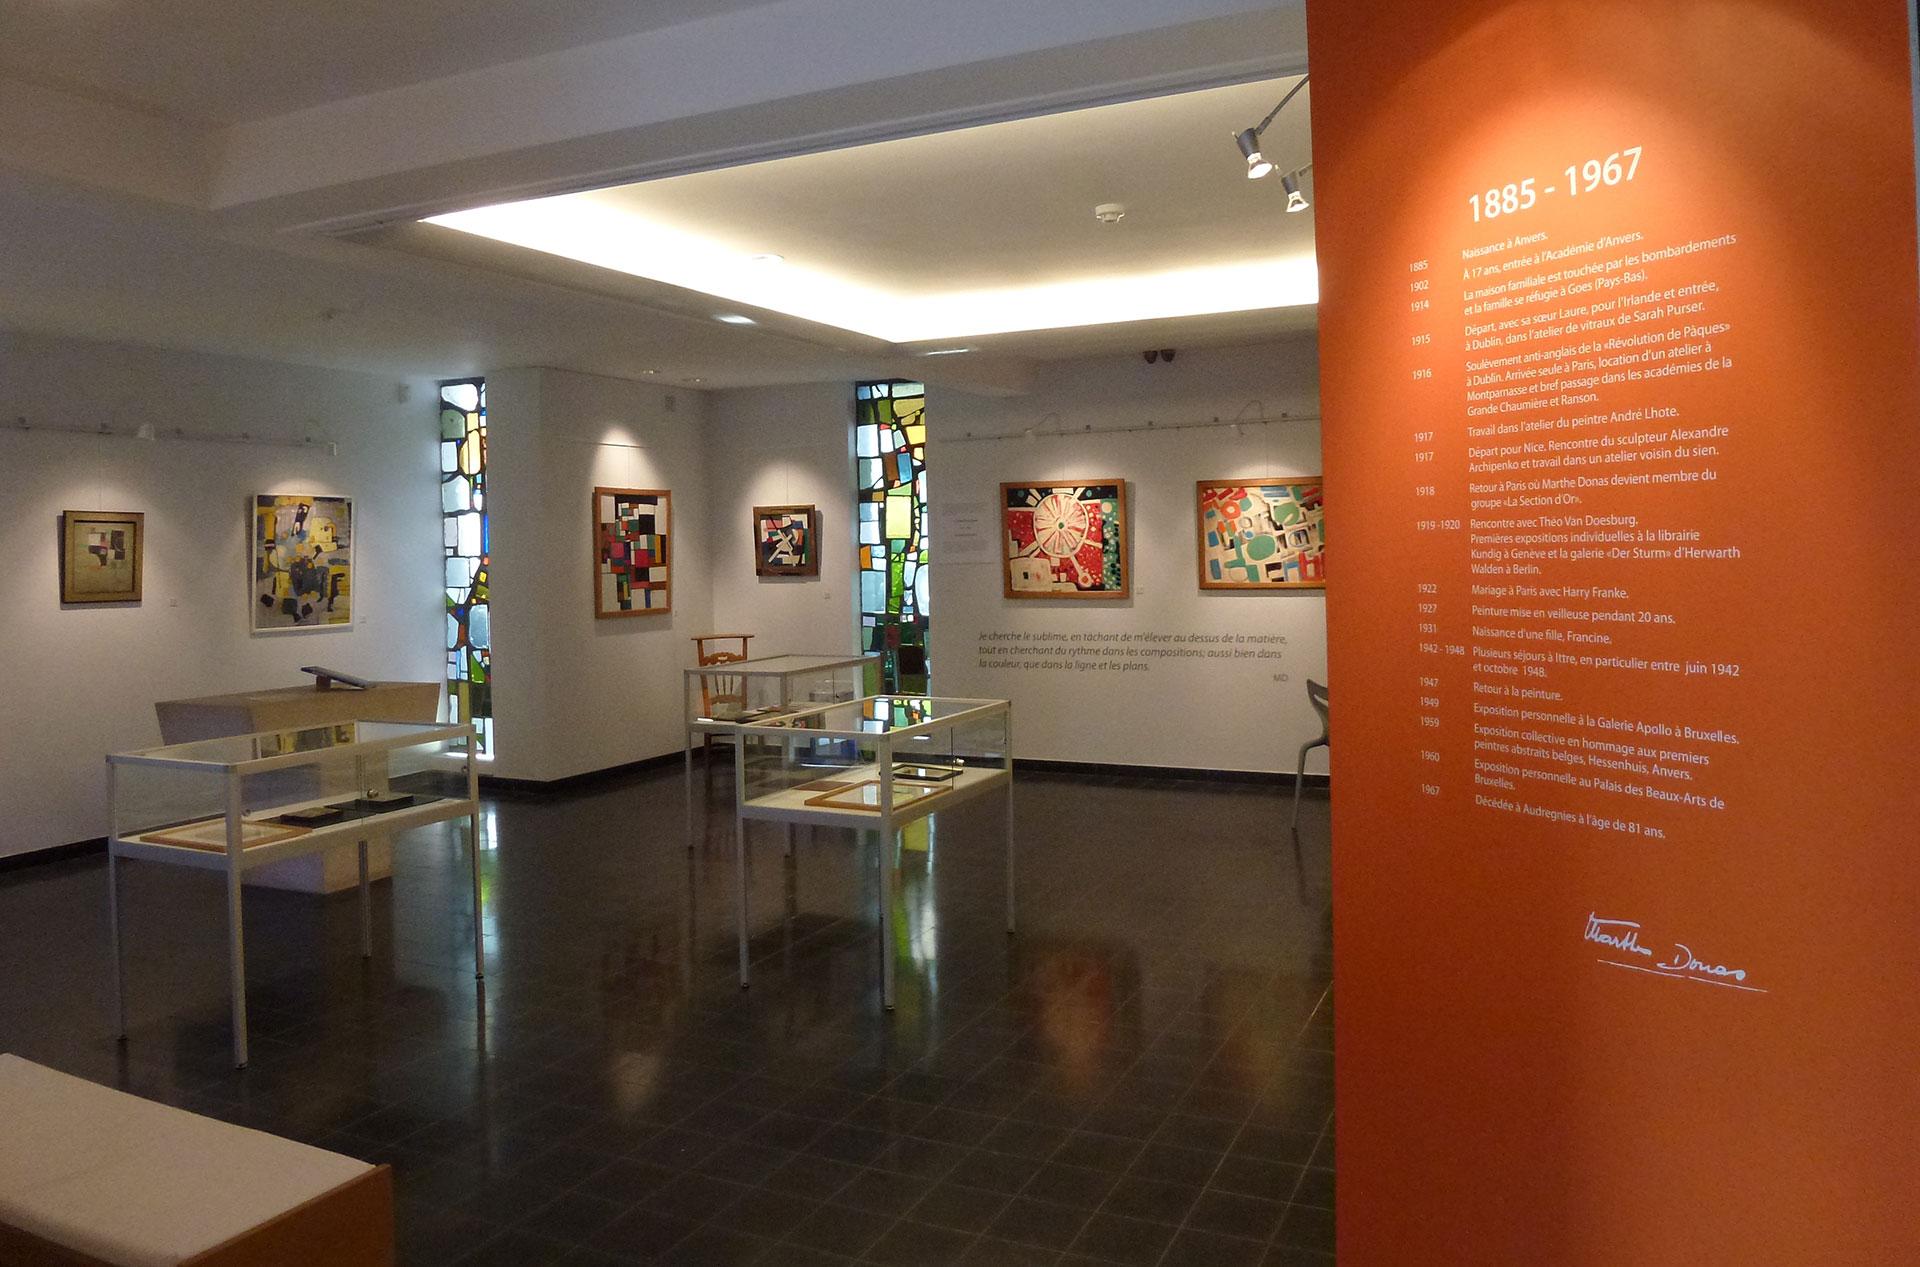 Musée - Marthe Donas - Ittre